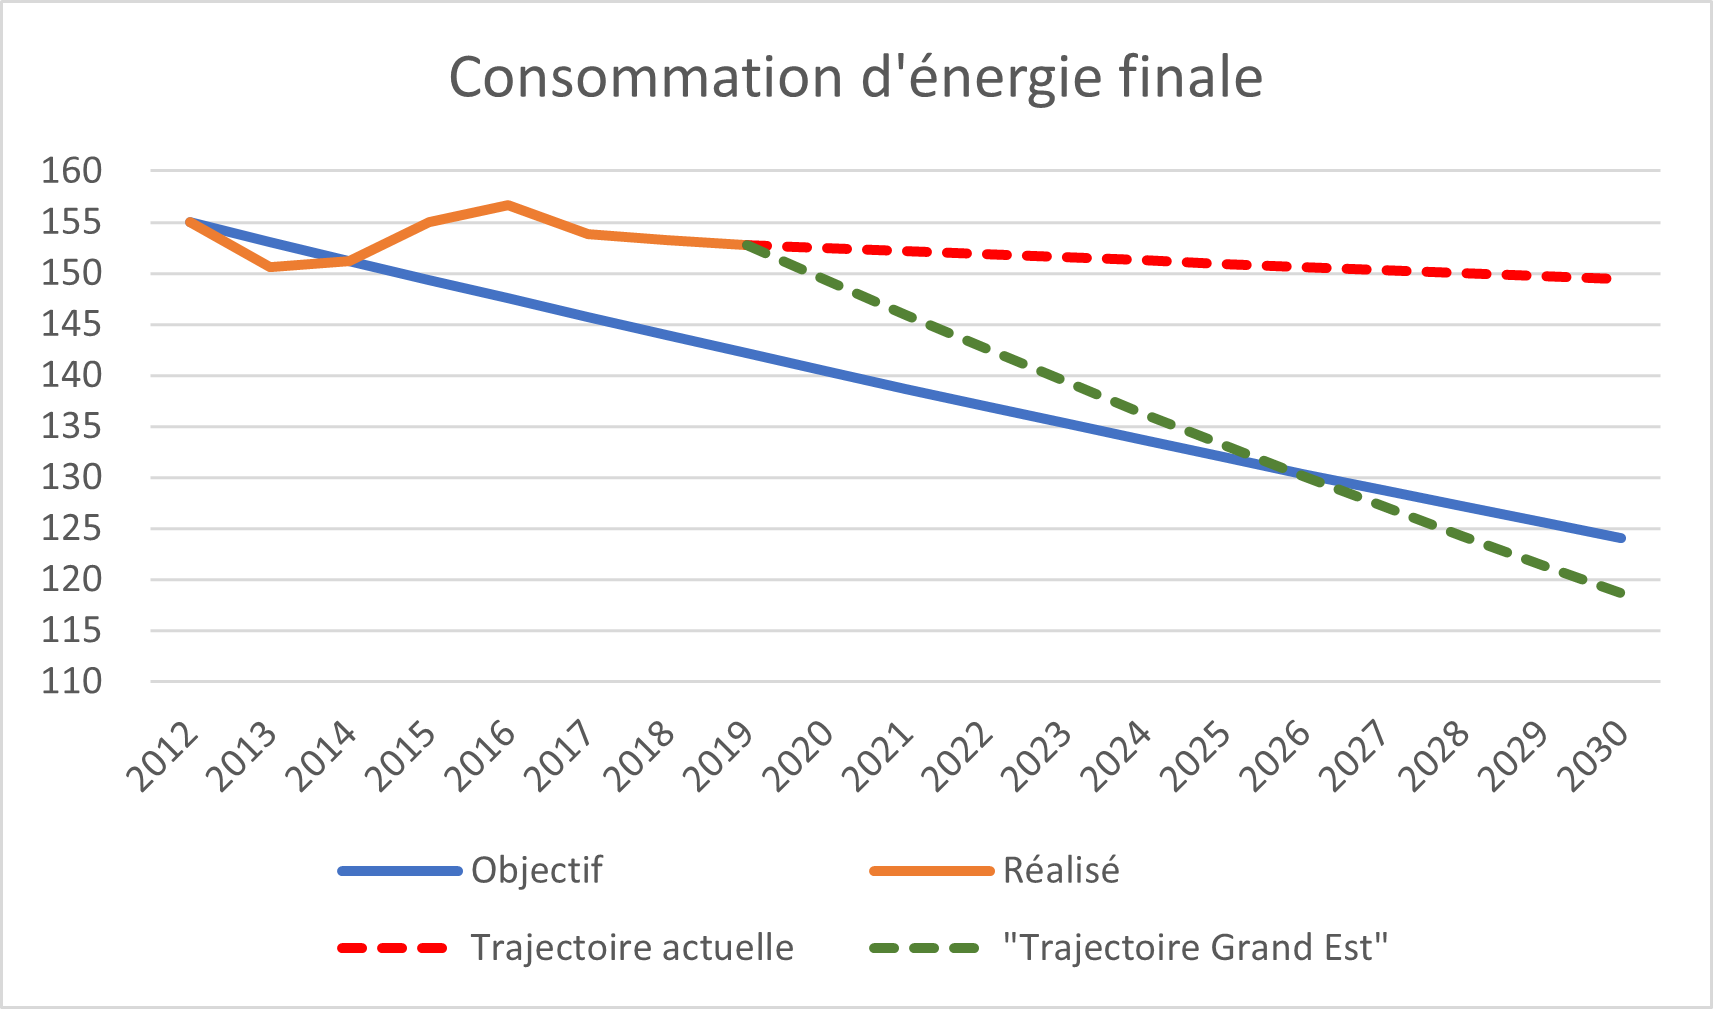 Graphique consommation d'énergie finale